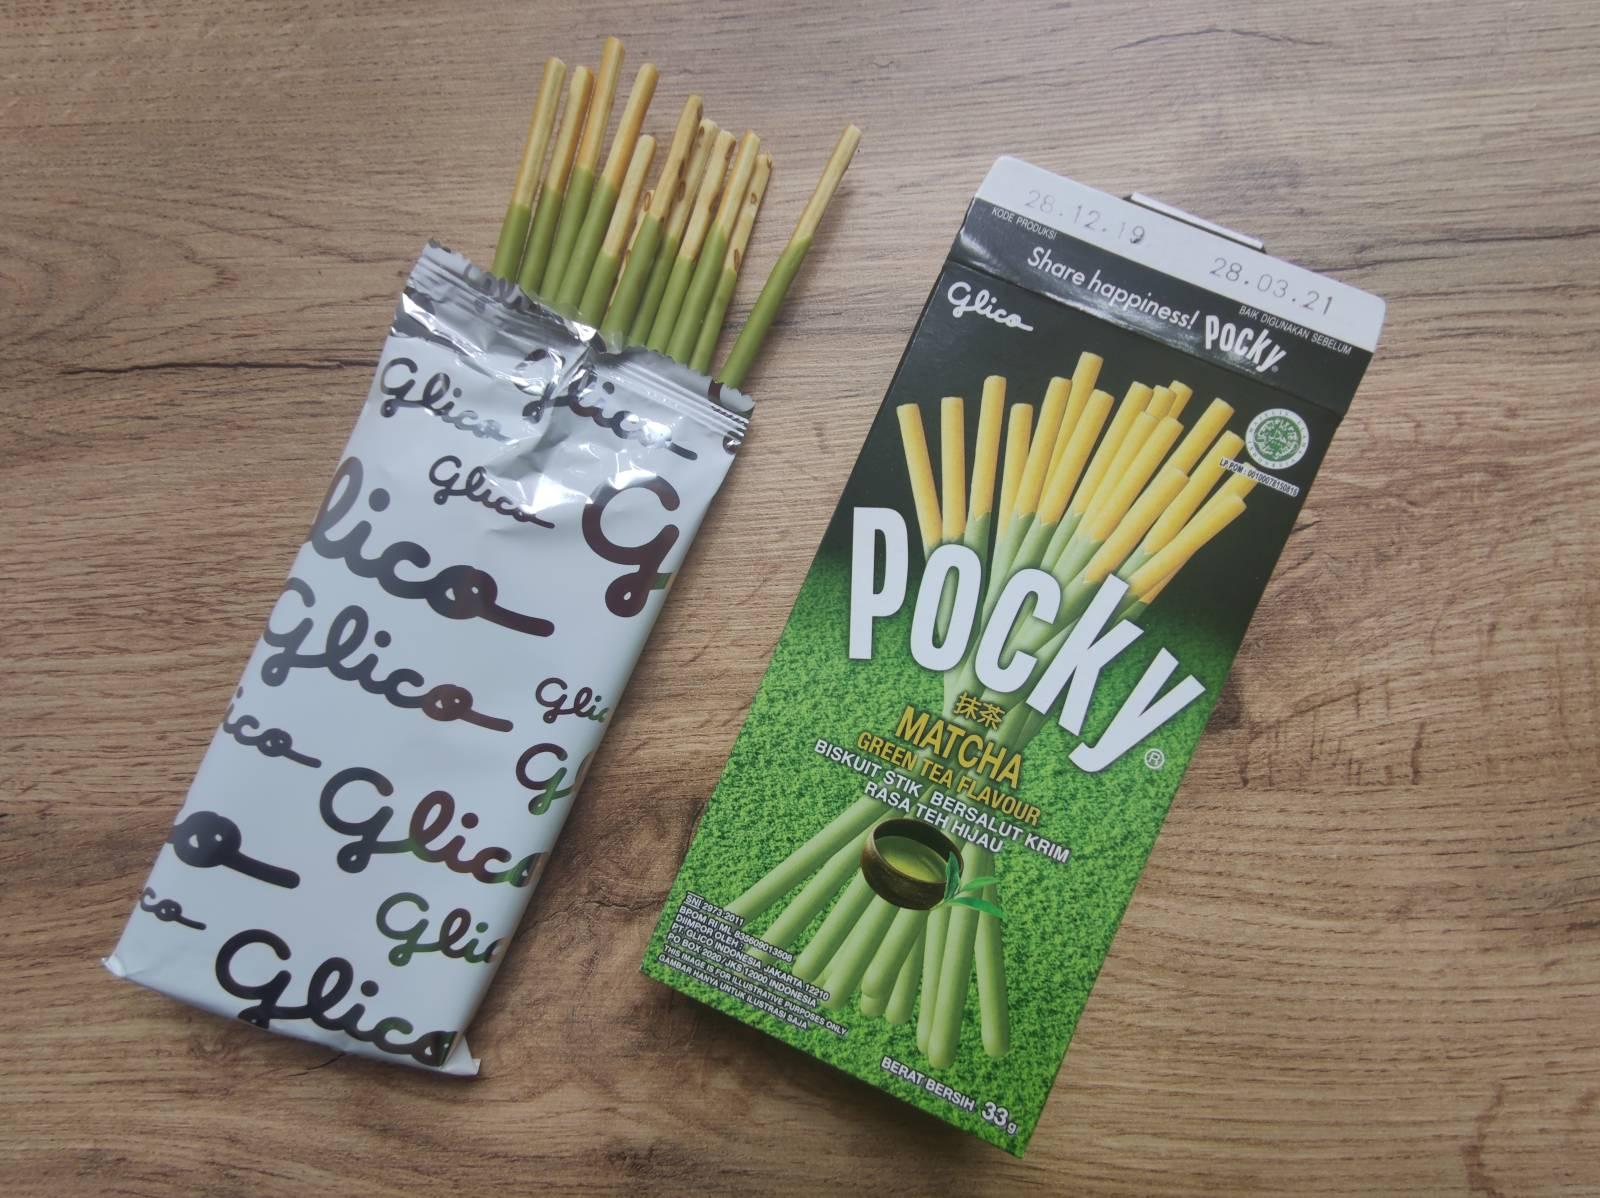 Otwarte opakowanie Pocky o smaku zielonej herbaty Matcha oraz wyglad paluszków